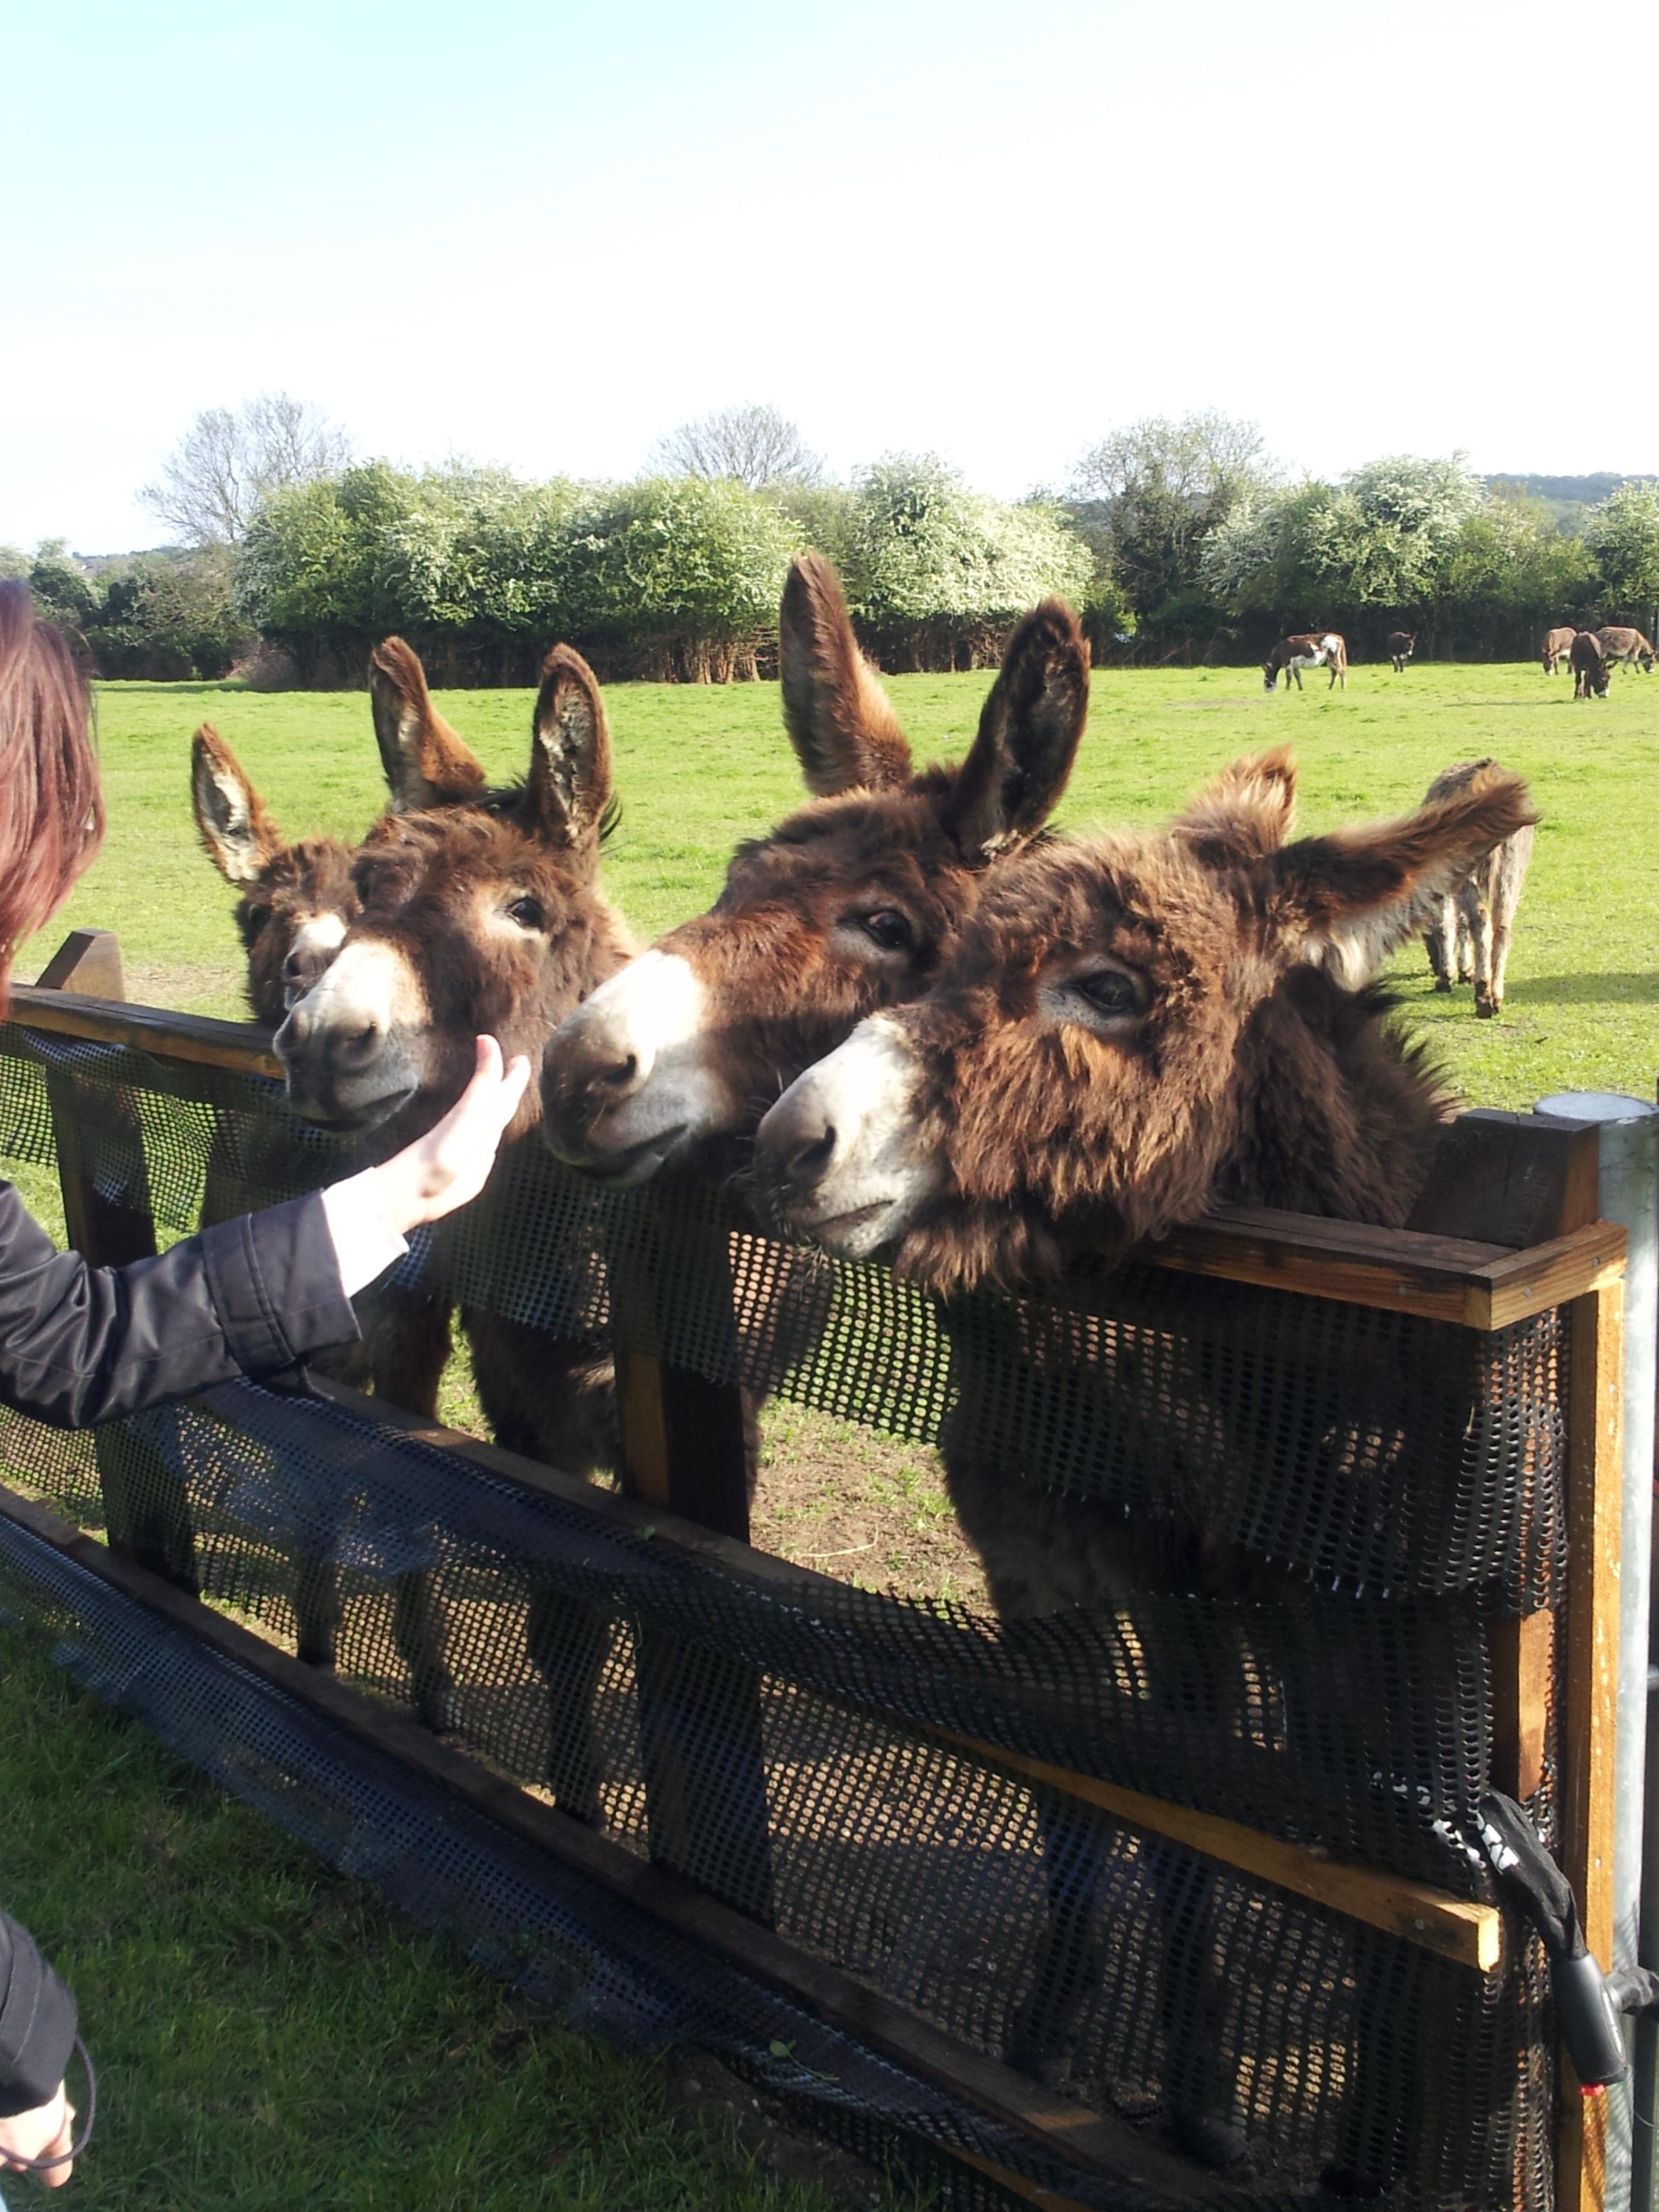 Walking London - Donkeys Farm